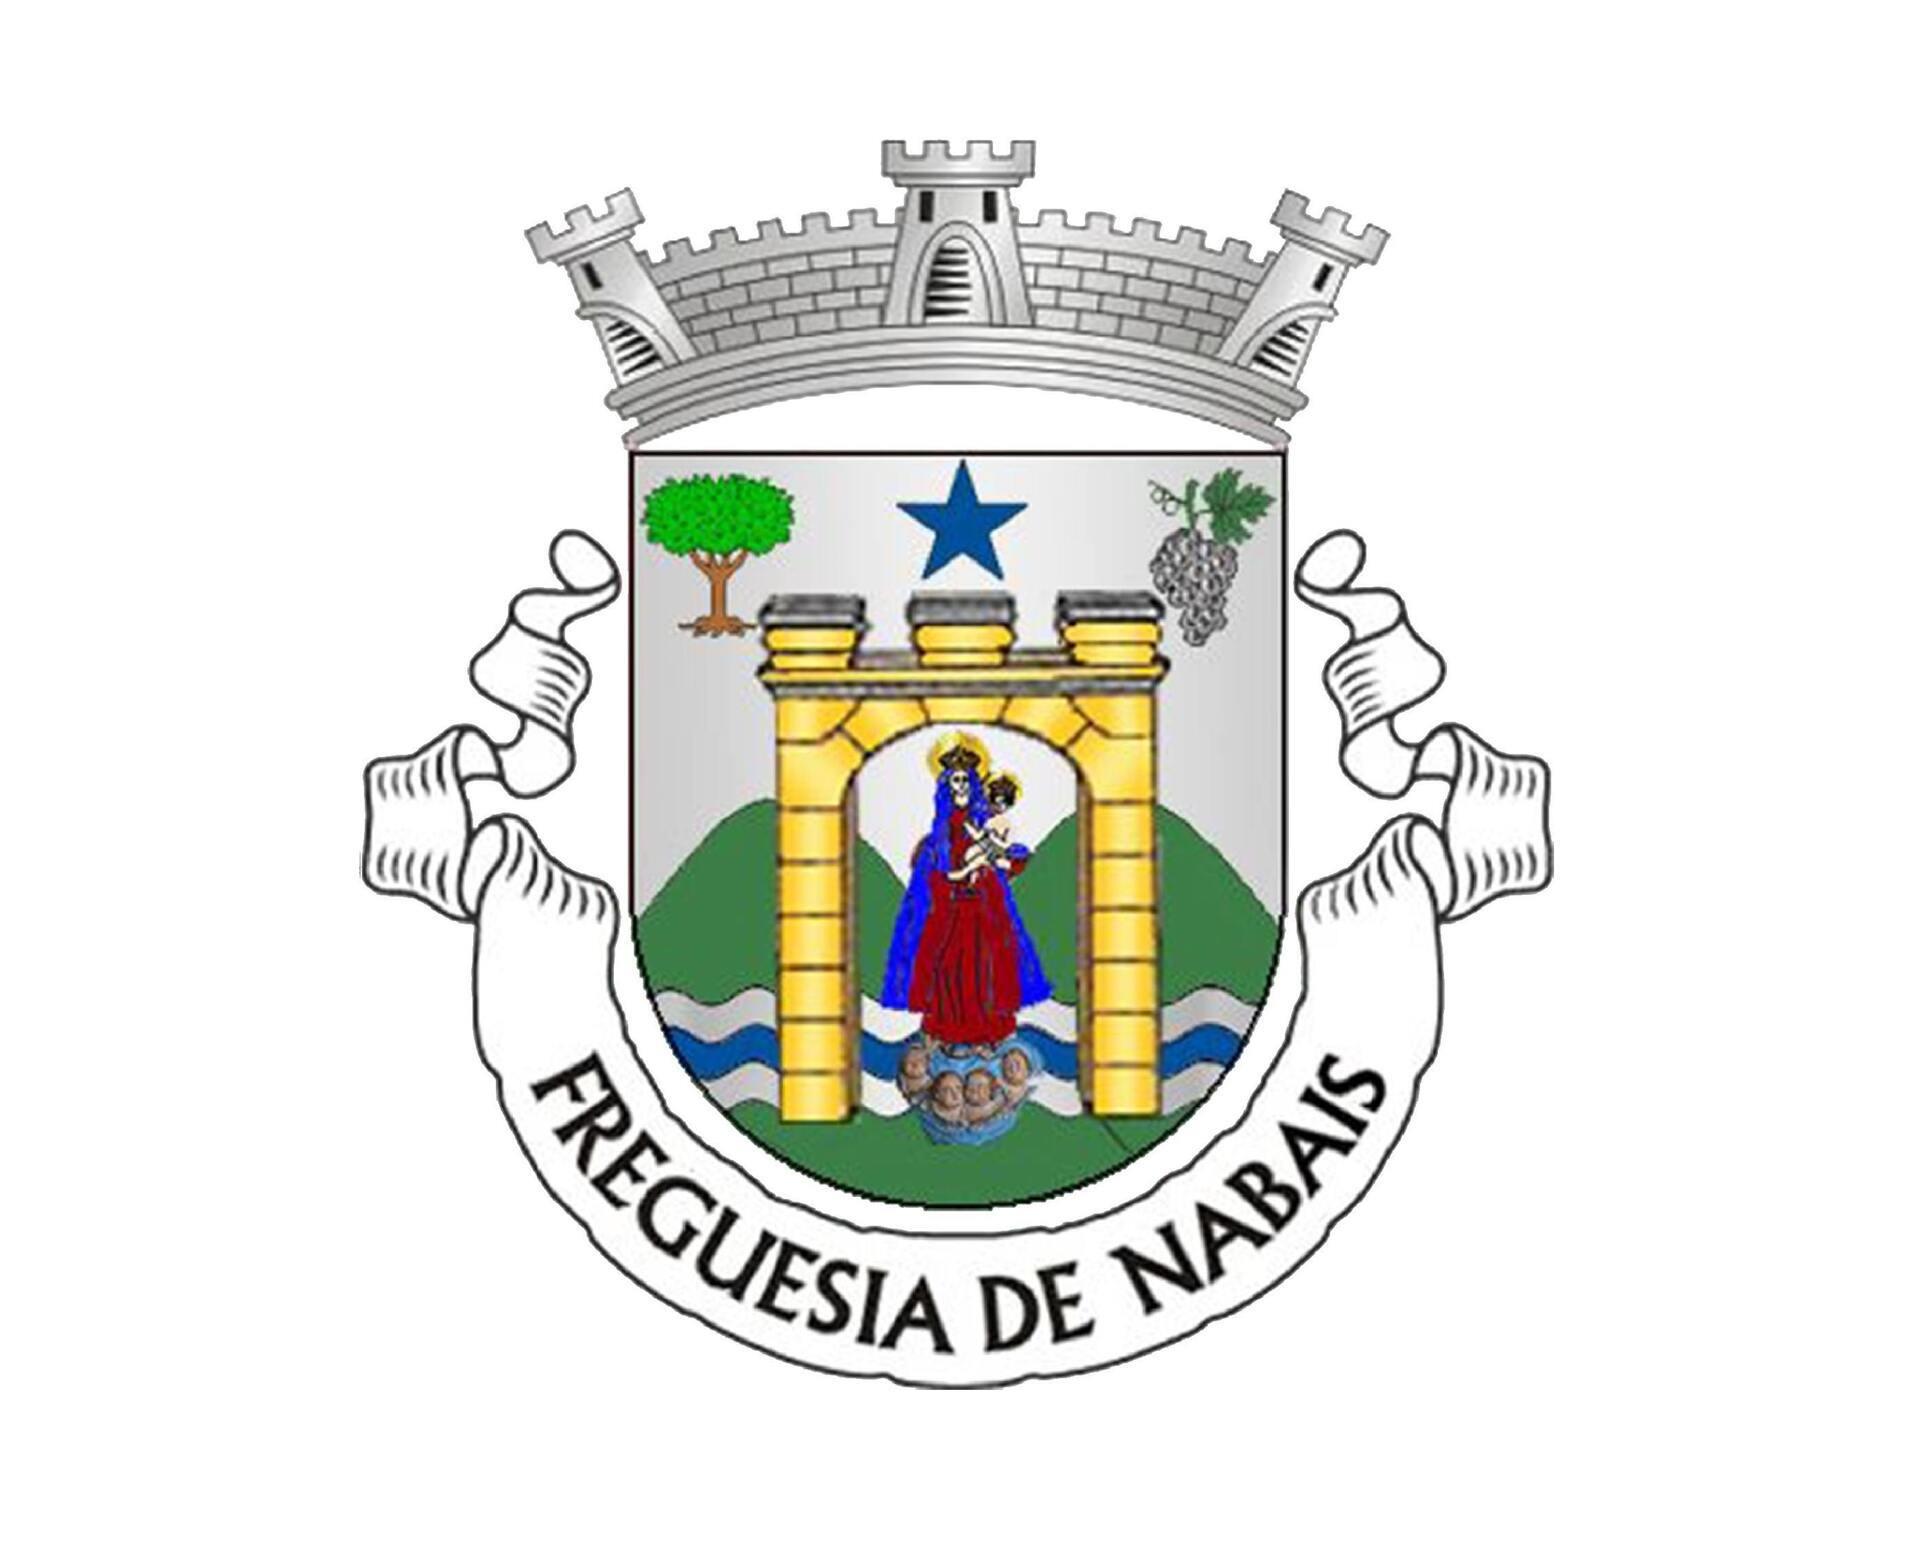 Brasão Nabais